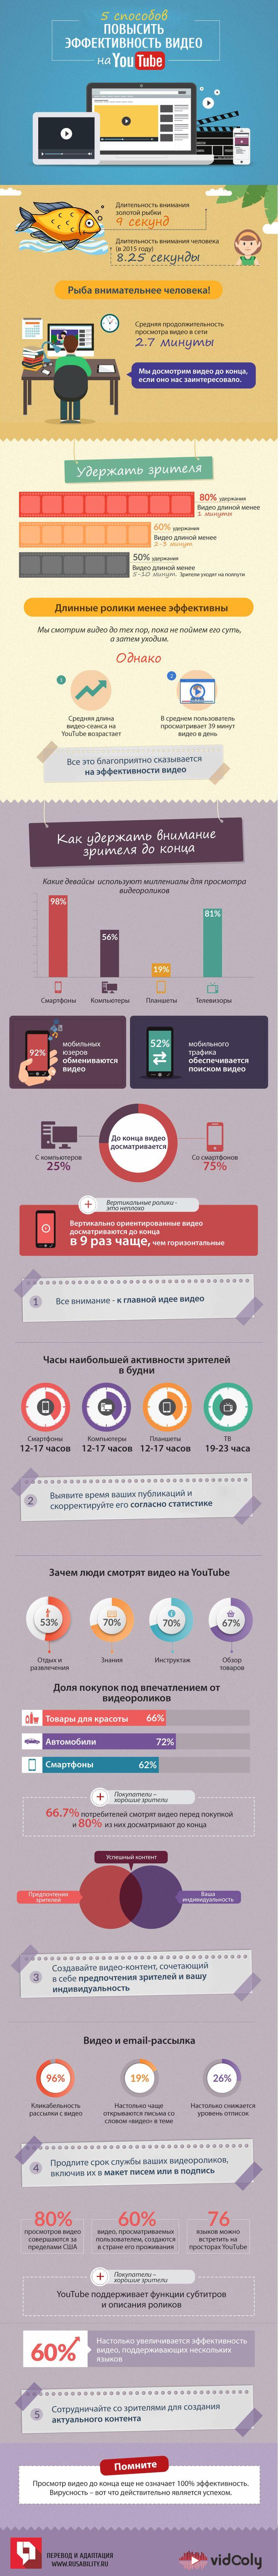 Youtube, видео, видео-контент, маркетинг, аудитория, потребители, просмотры, видеоролики, инфографика